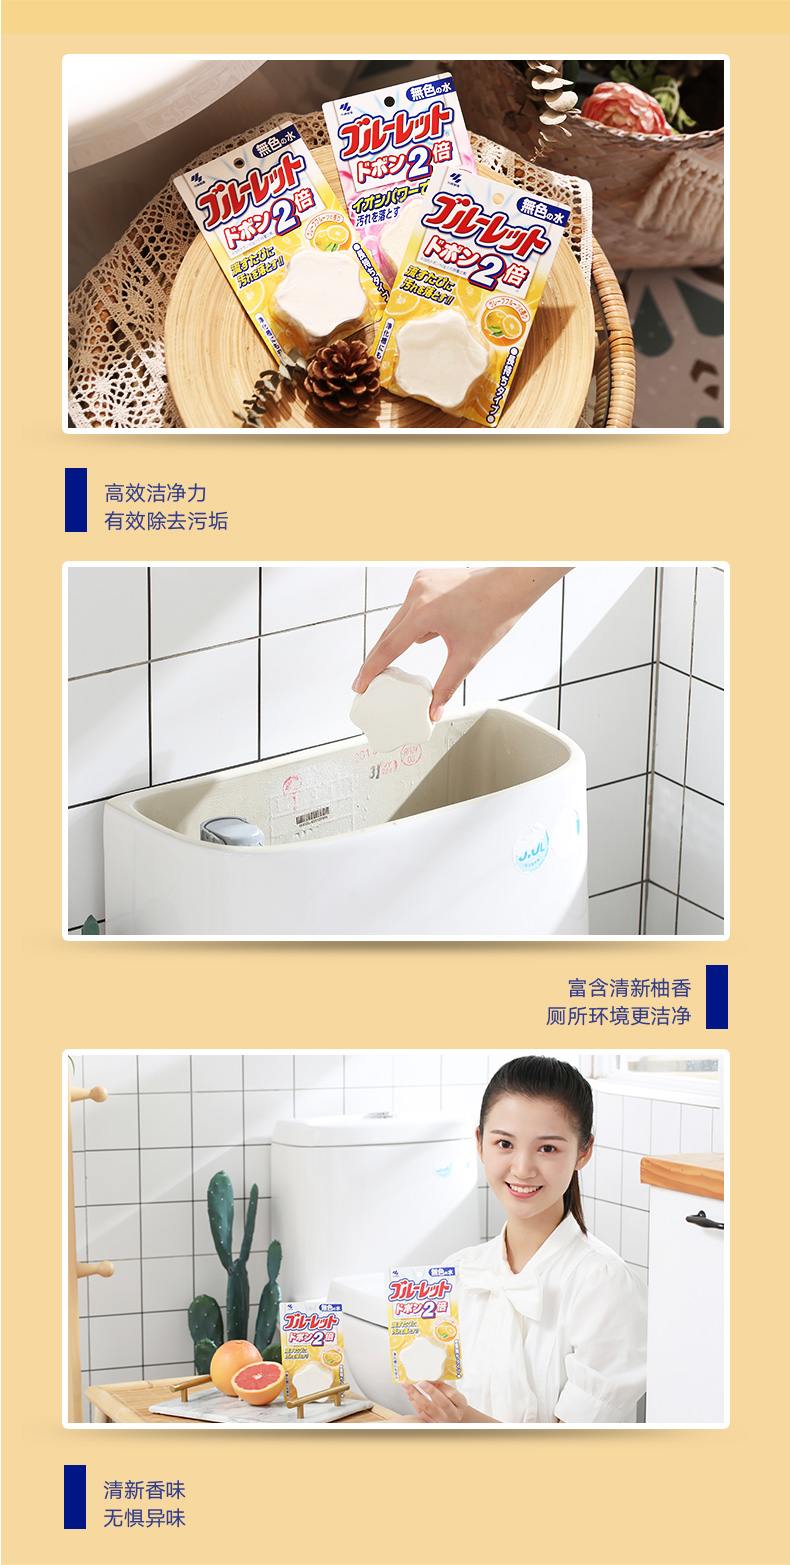 【小林製药】水箱用洁厕灵西柚皁香马桶清洁剂化妆室厕所去味件详细照片